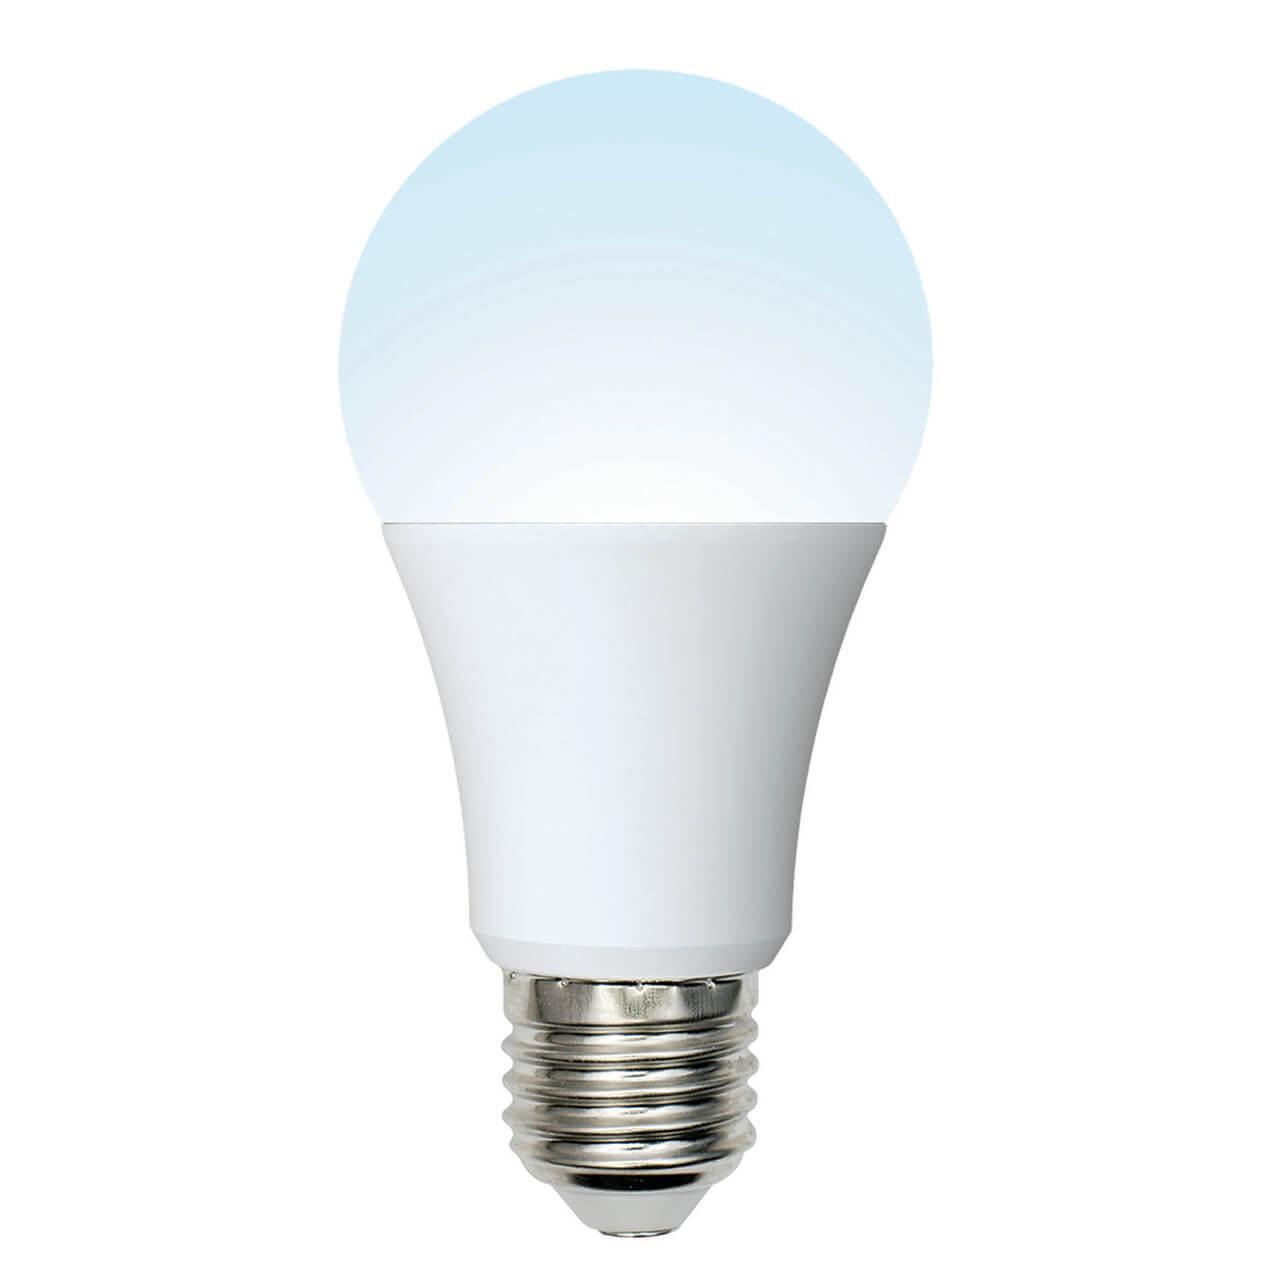 Фото - Лампочка Uniel LED-A60-10W/NW/E27/FR/MB PLM11WH Multibright лампочка uniel led a60 9w nw e27 fr alm